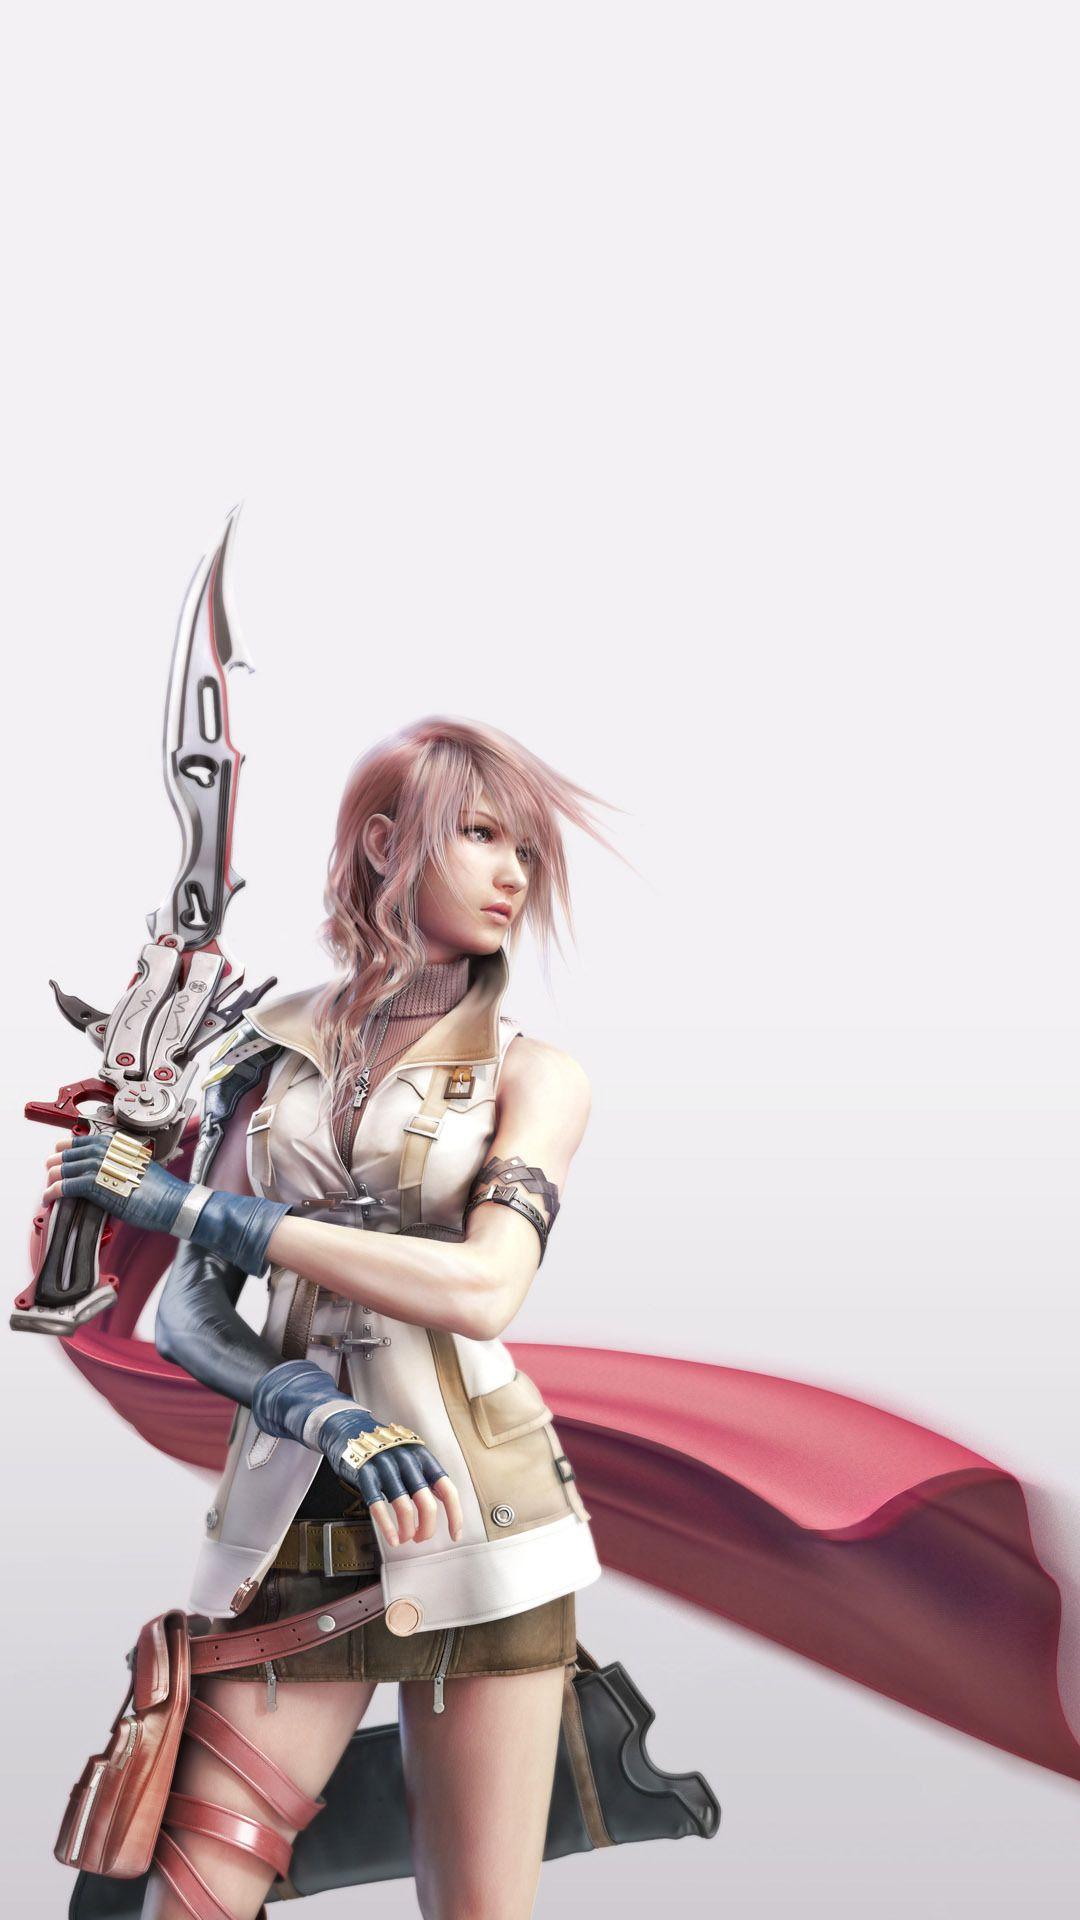 Final Fantasy XIII Lightning Wallpaper by DaRkLmX ...